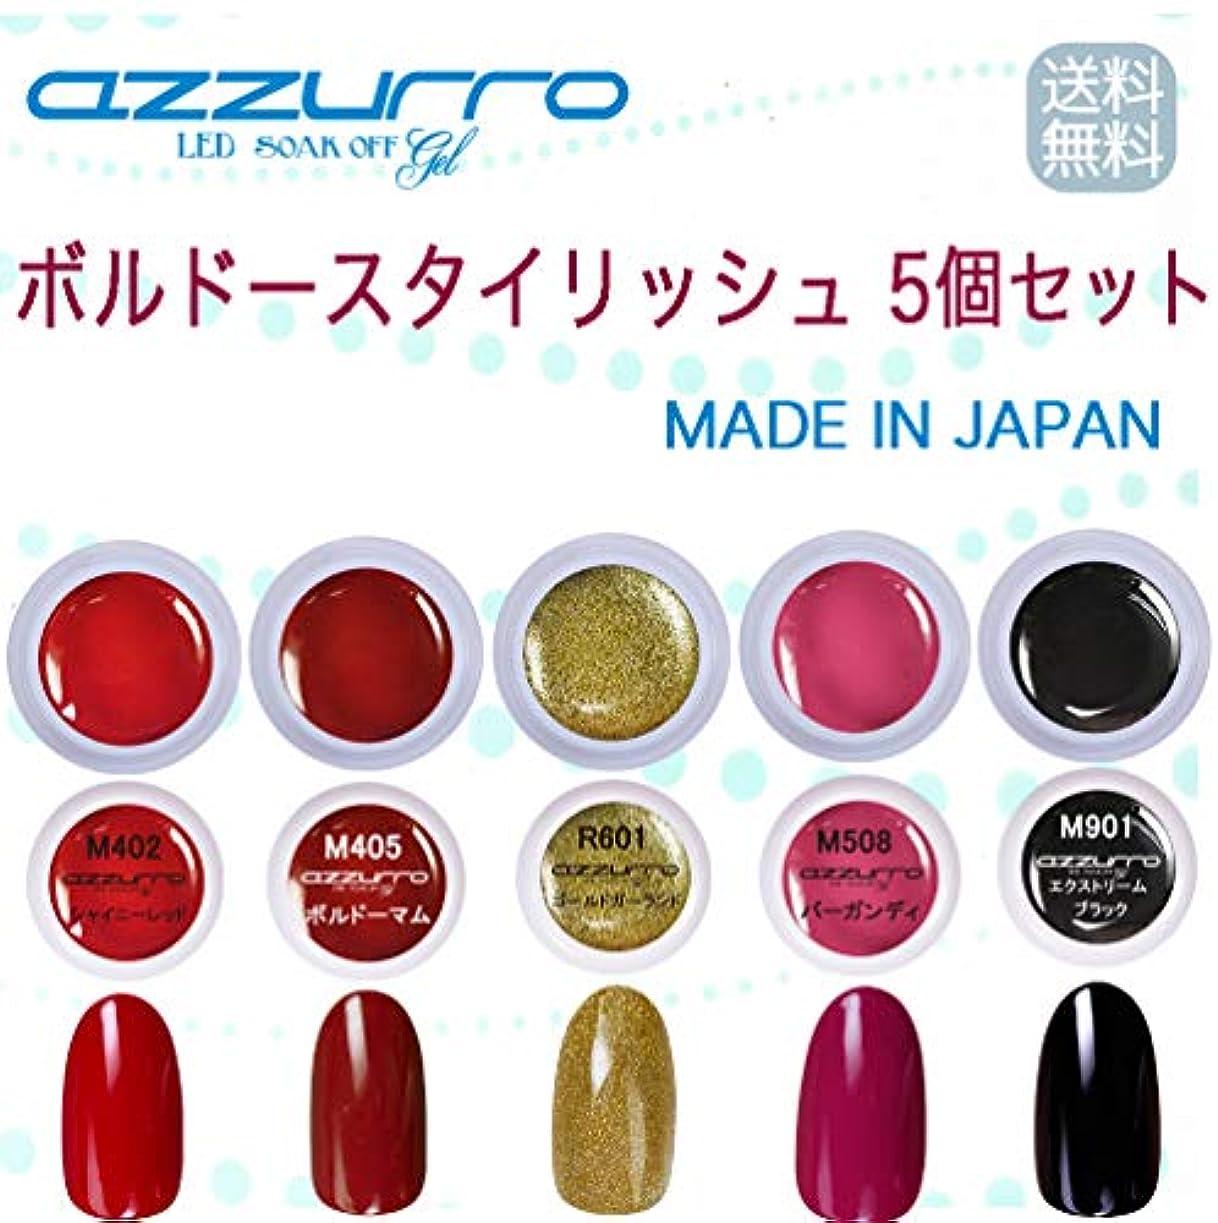 疫病血統地元【送料無料】日本製 azzurro gel ボルドースタイリッシュカラージェル5個セット ネイルアートのマストカラーボルドーとブラックをセット